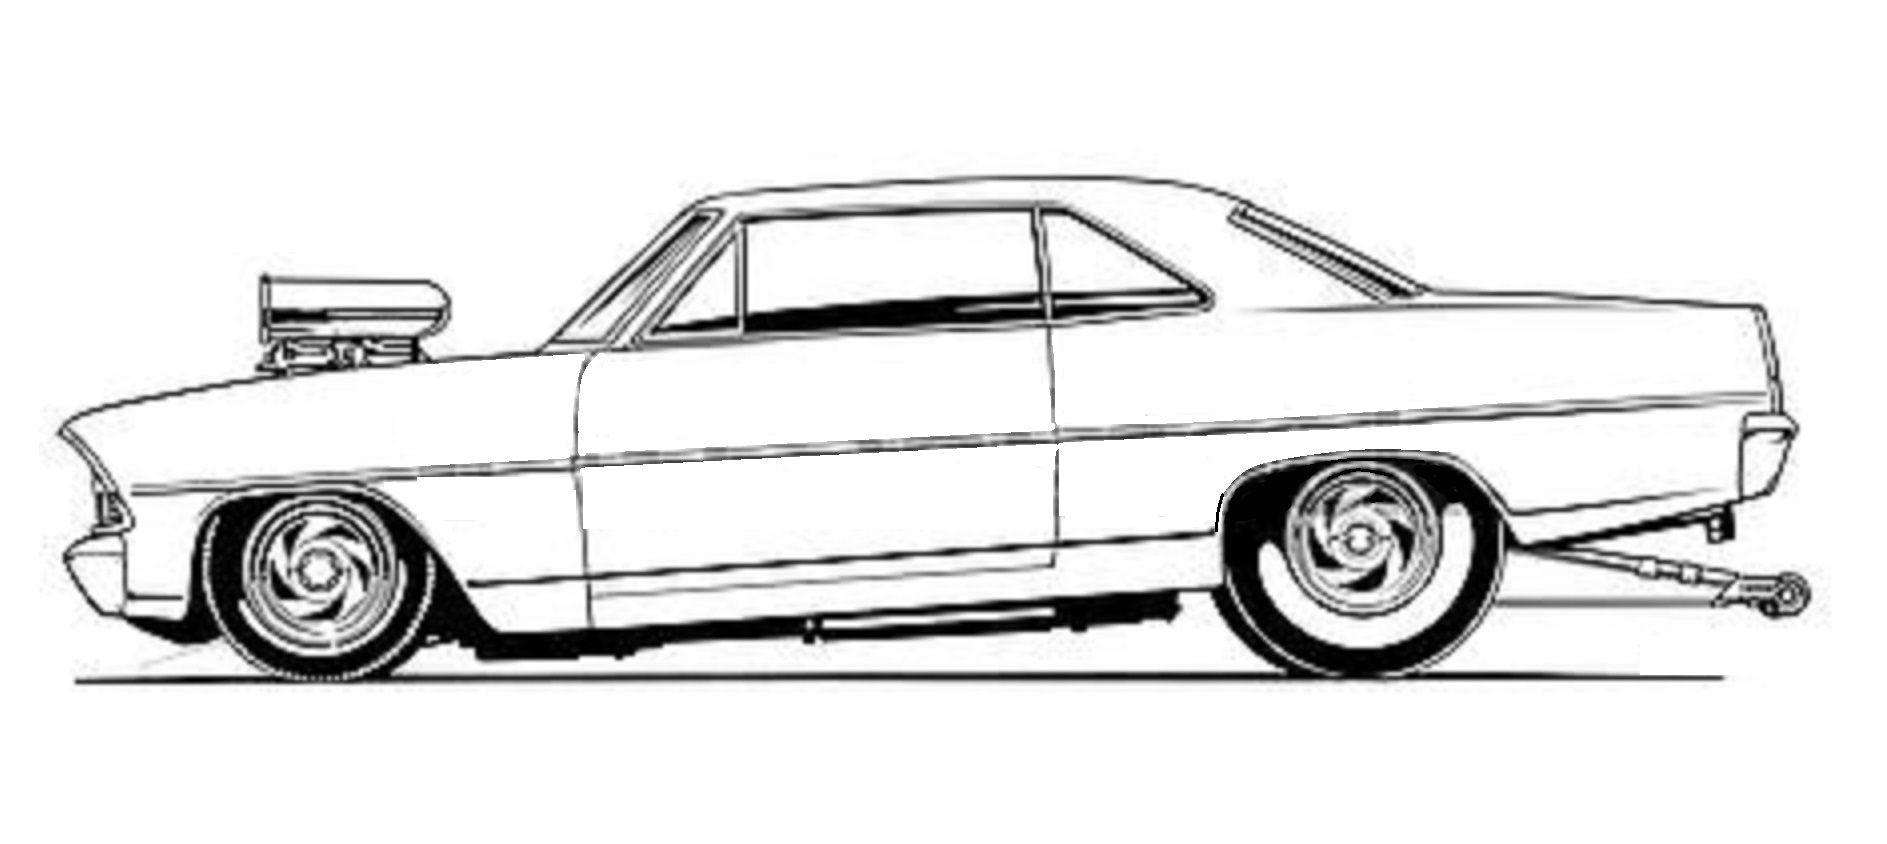 1887x844 Drawings Cool Car Drawings, Car